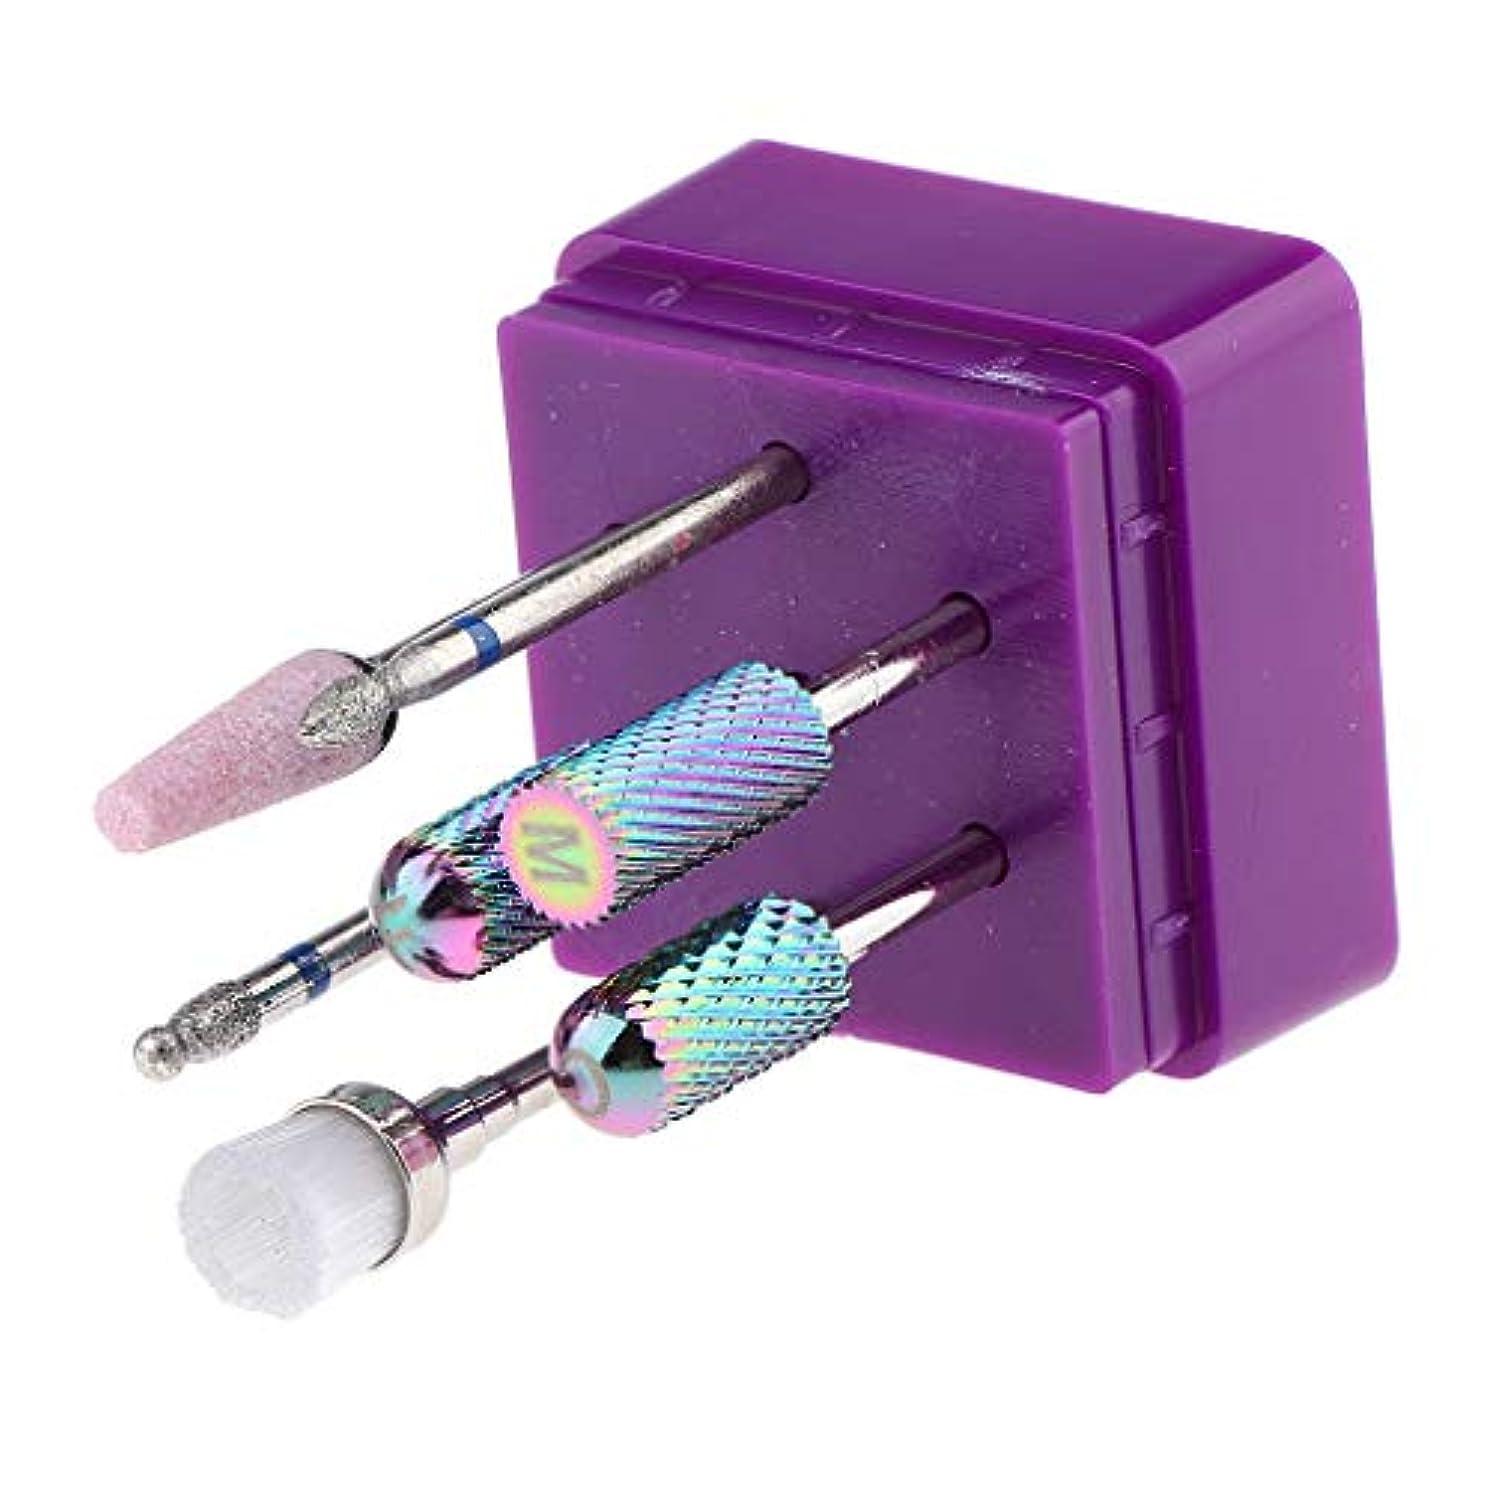 うっかりであることブラウンB Baosity 電気ネイルマシン 研削ヘッド 研磨 ドリルビット ネイルアート ネイルサロン